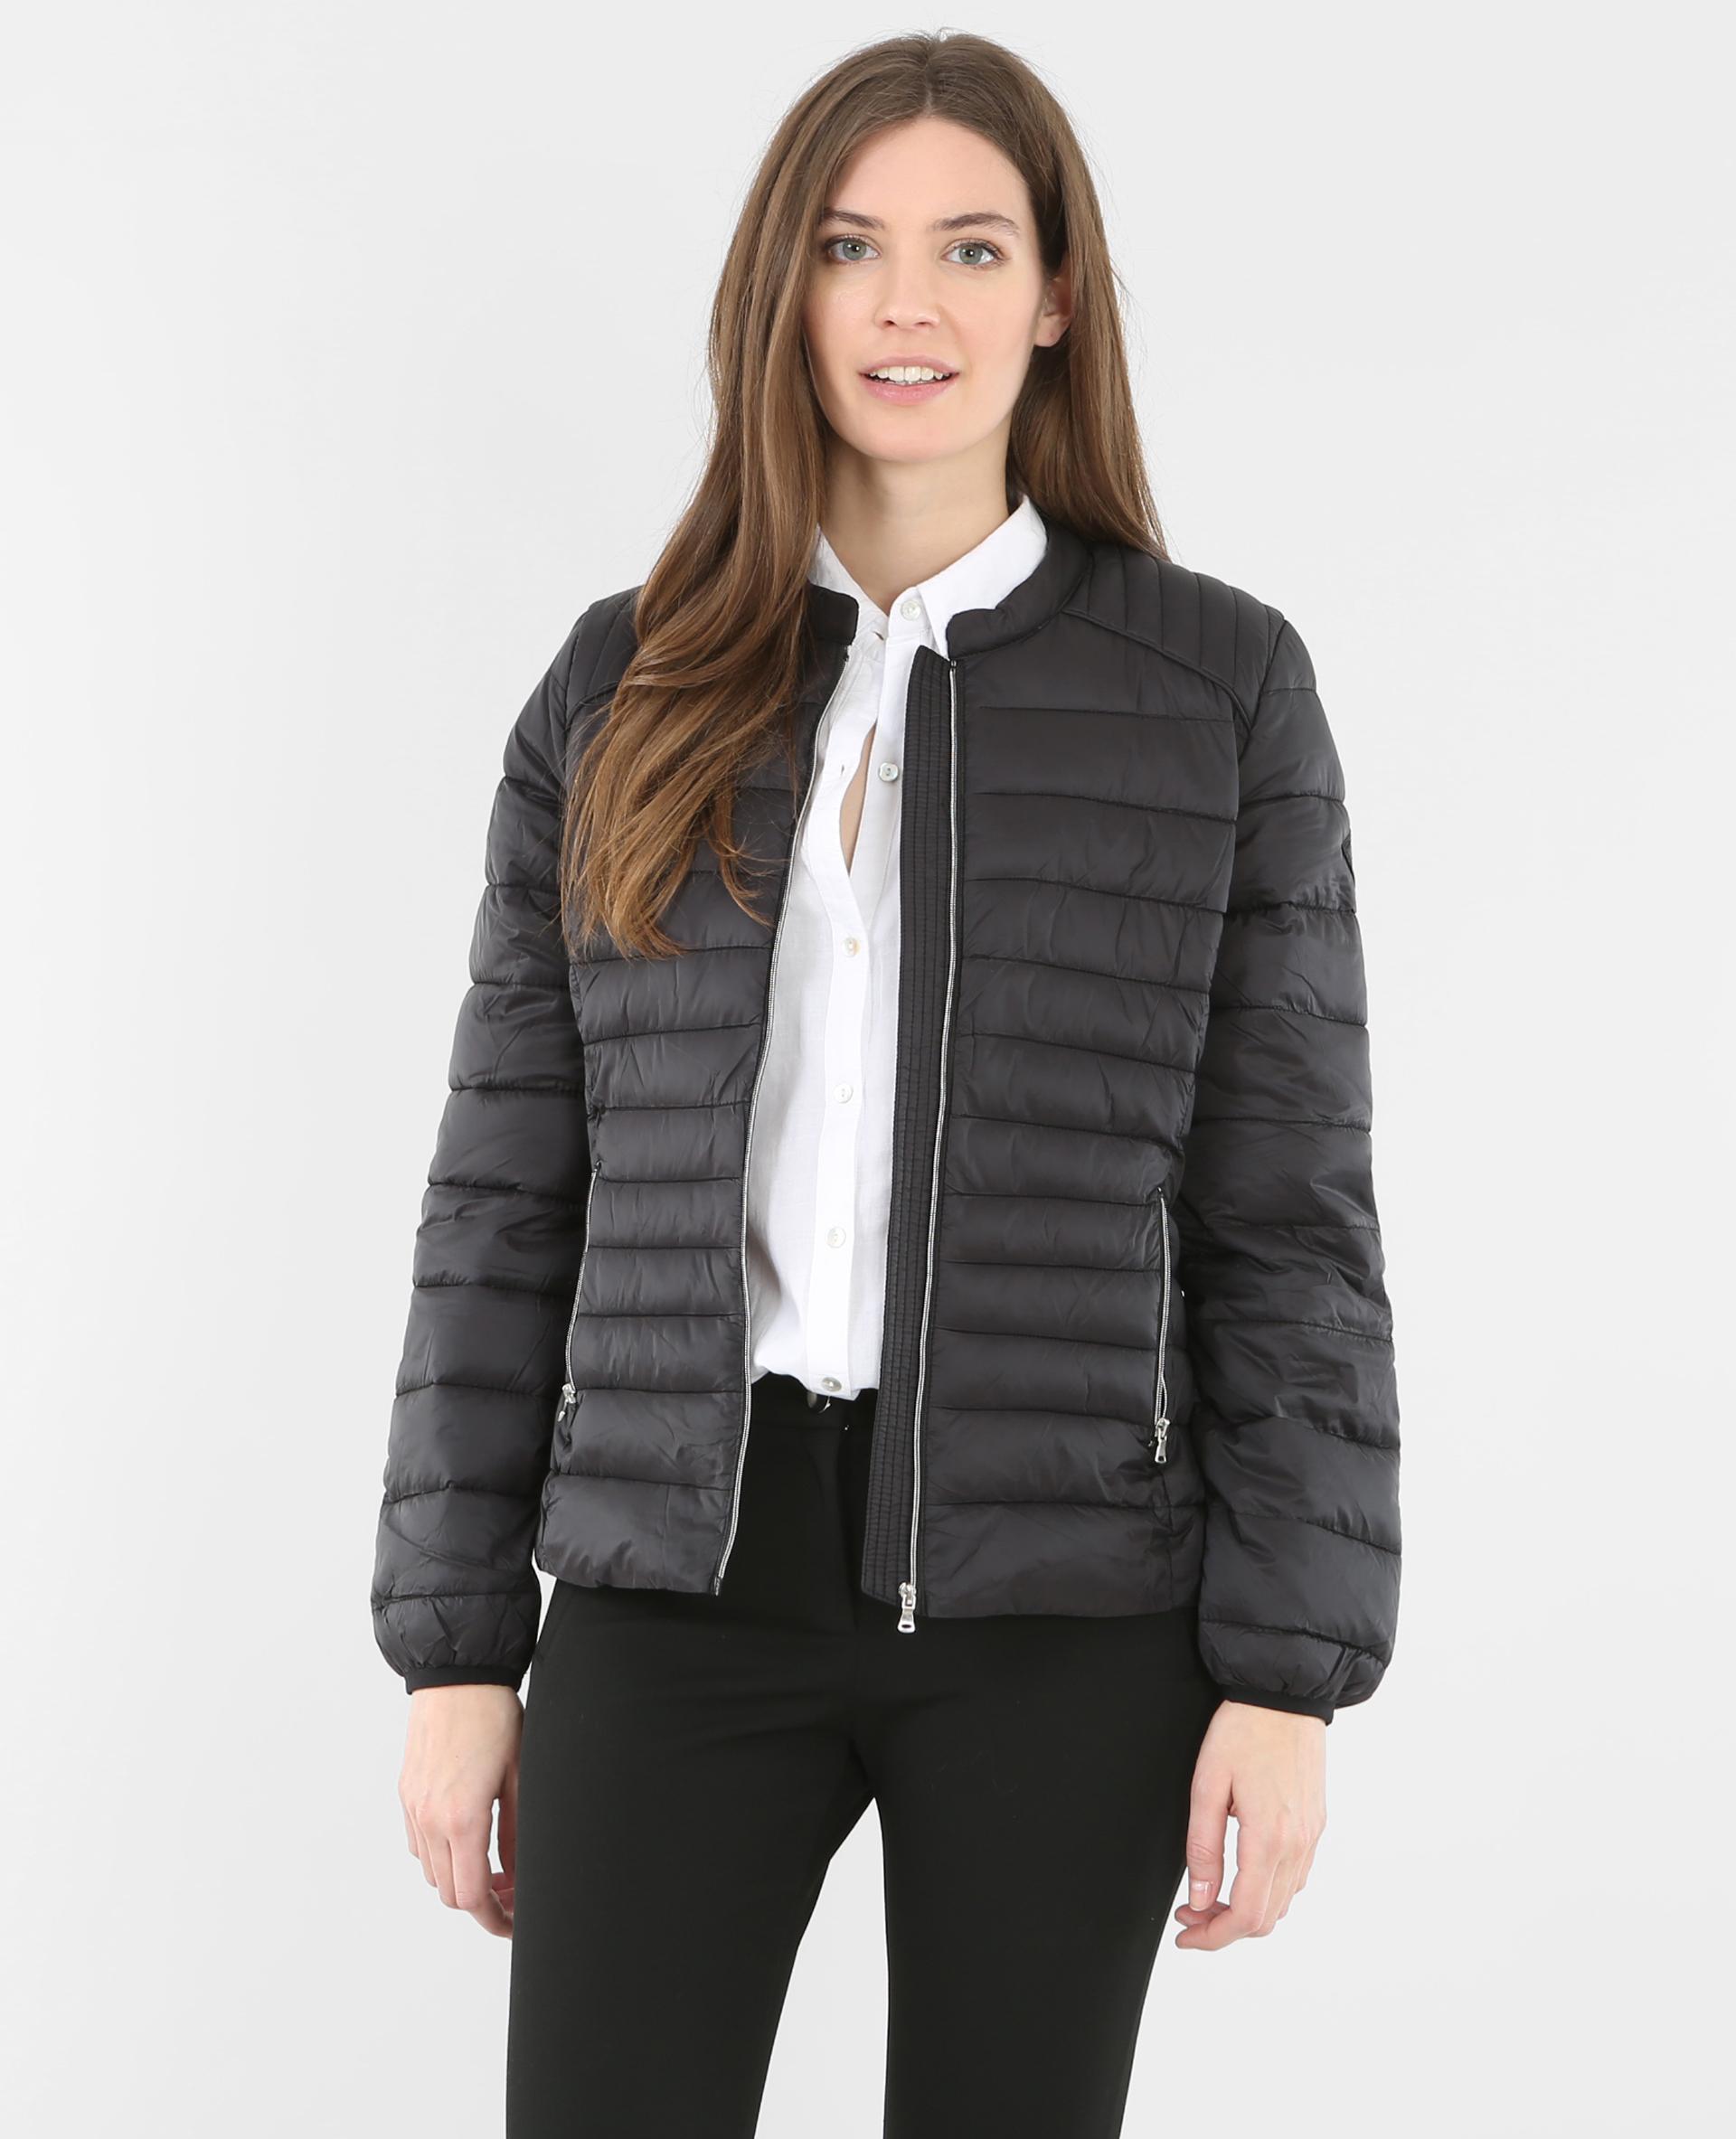 Modernes – Pimkie Vêtements Élégants Veste Femme Printemps EDH92I